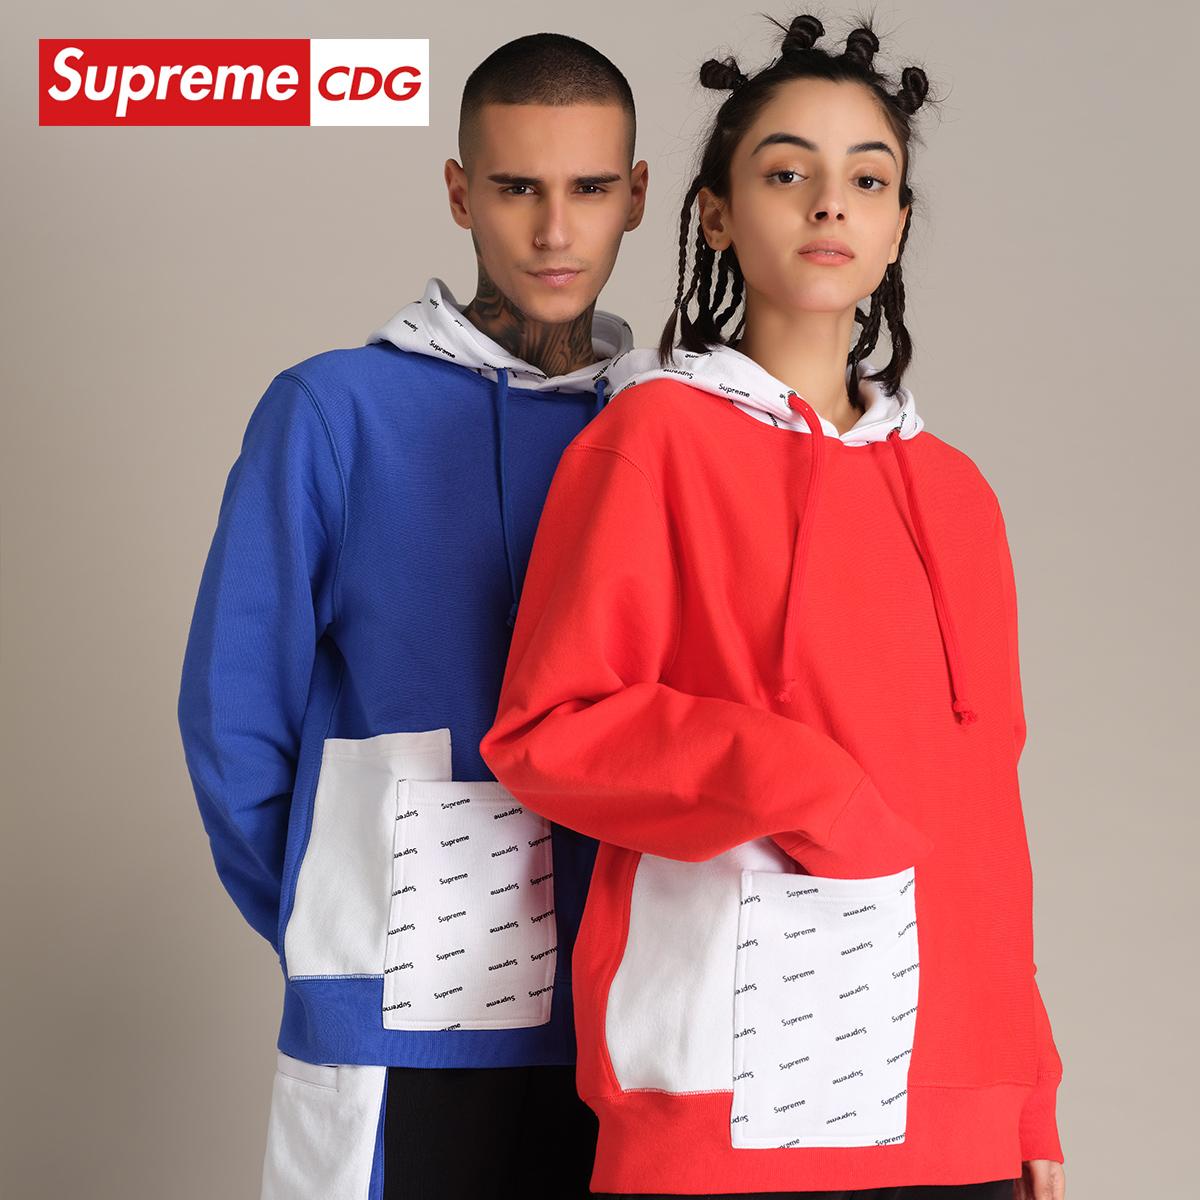 Supreme CDG 2020年春季新品運動風上衣街頭衛衣情侶款連帽衛衣